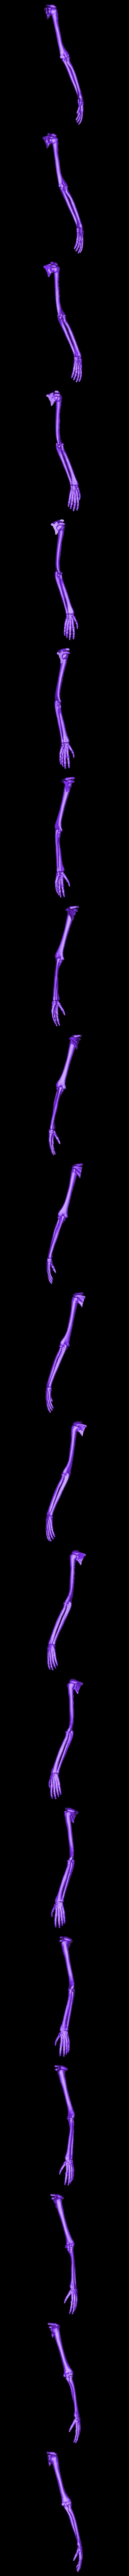 left_arm_skel.stl Télécharger fichier STL gratuit Squelette humain • Objet imprimable en 3D, Cornbald